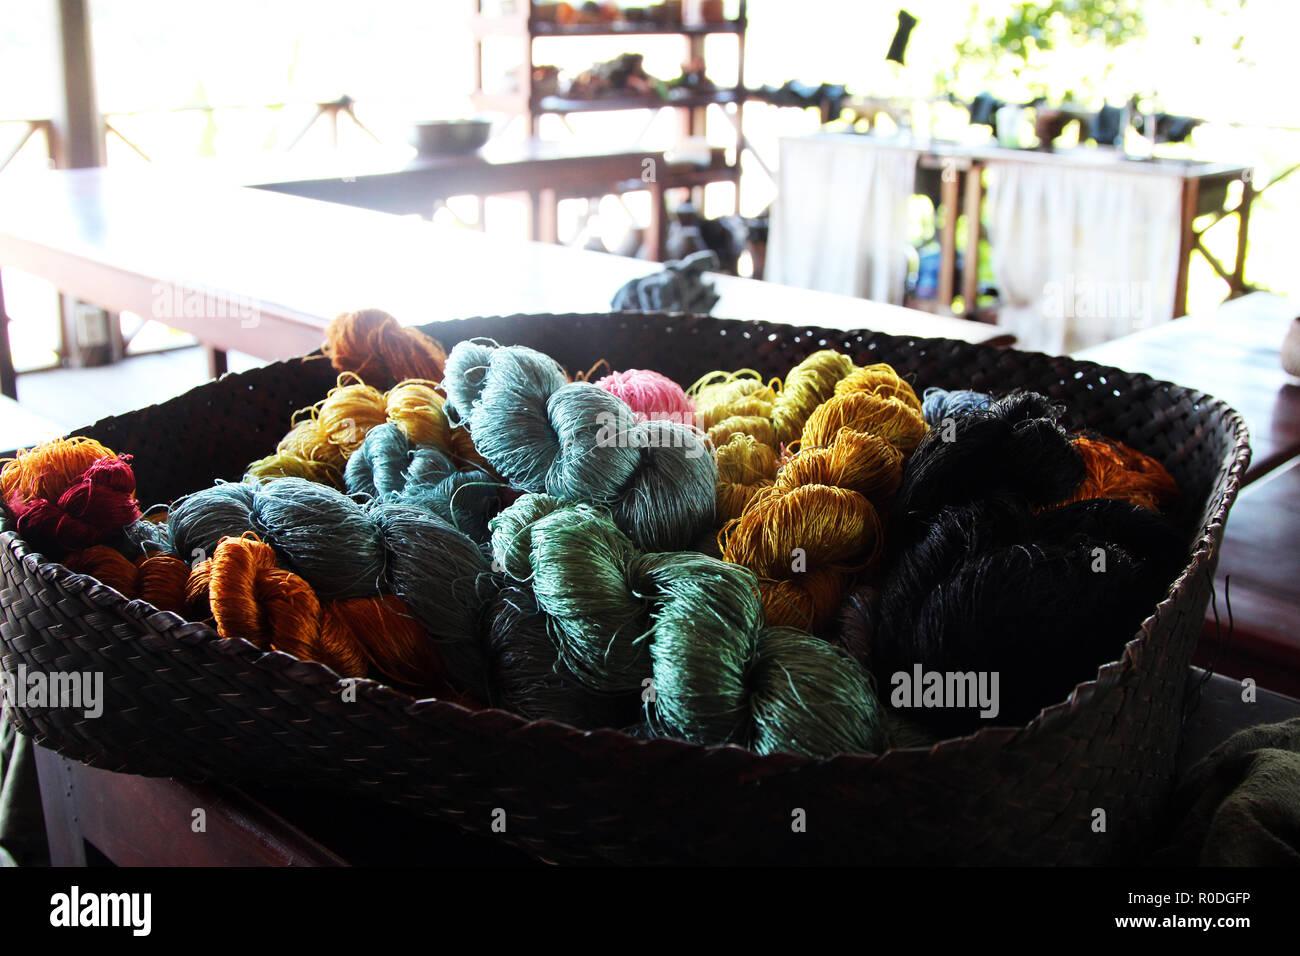 Basket of naturally dyed silk skeins for weaving, Ok Pop Tok weaving center, Luang Prabang, Laos - Stock Image